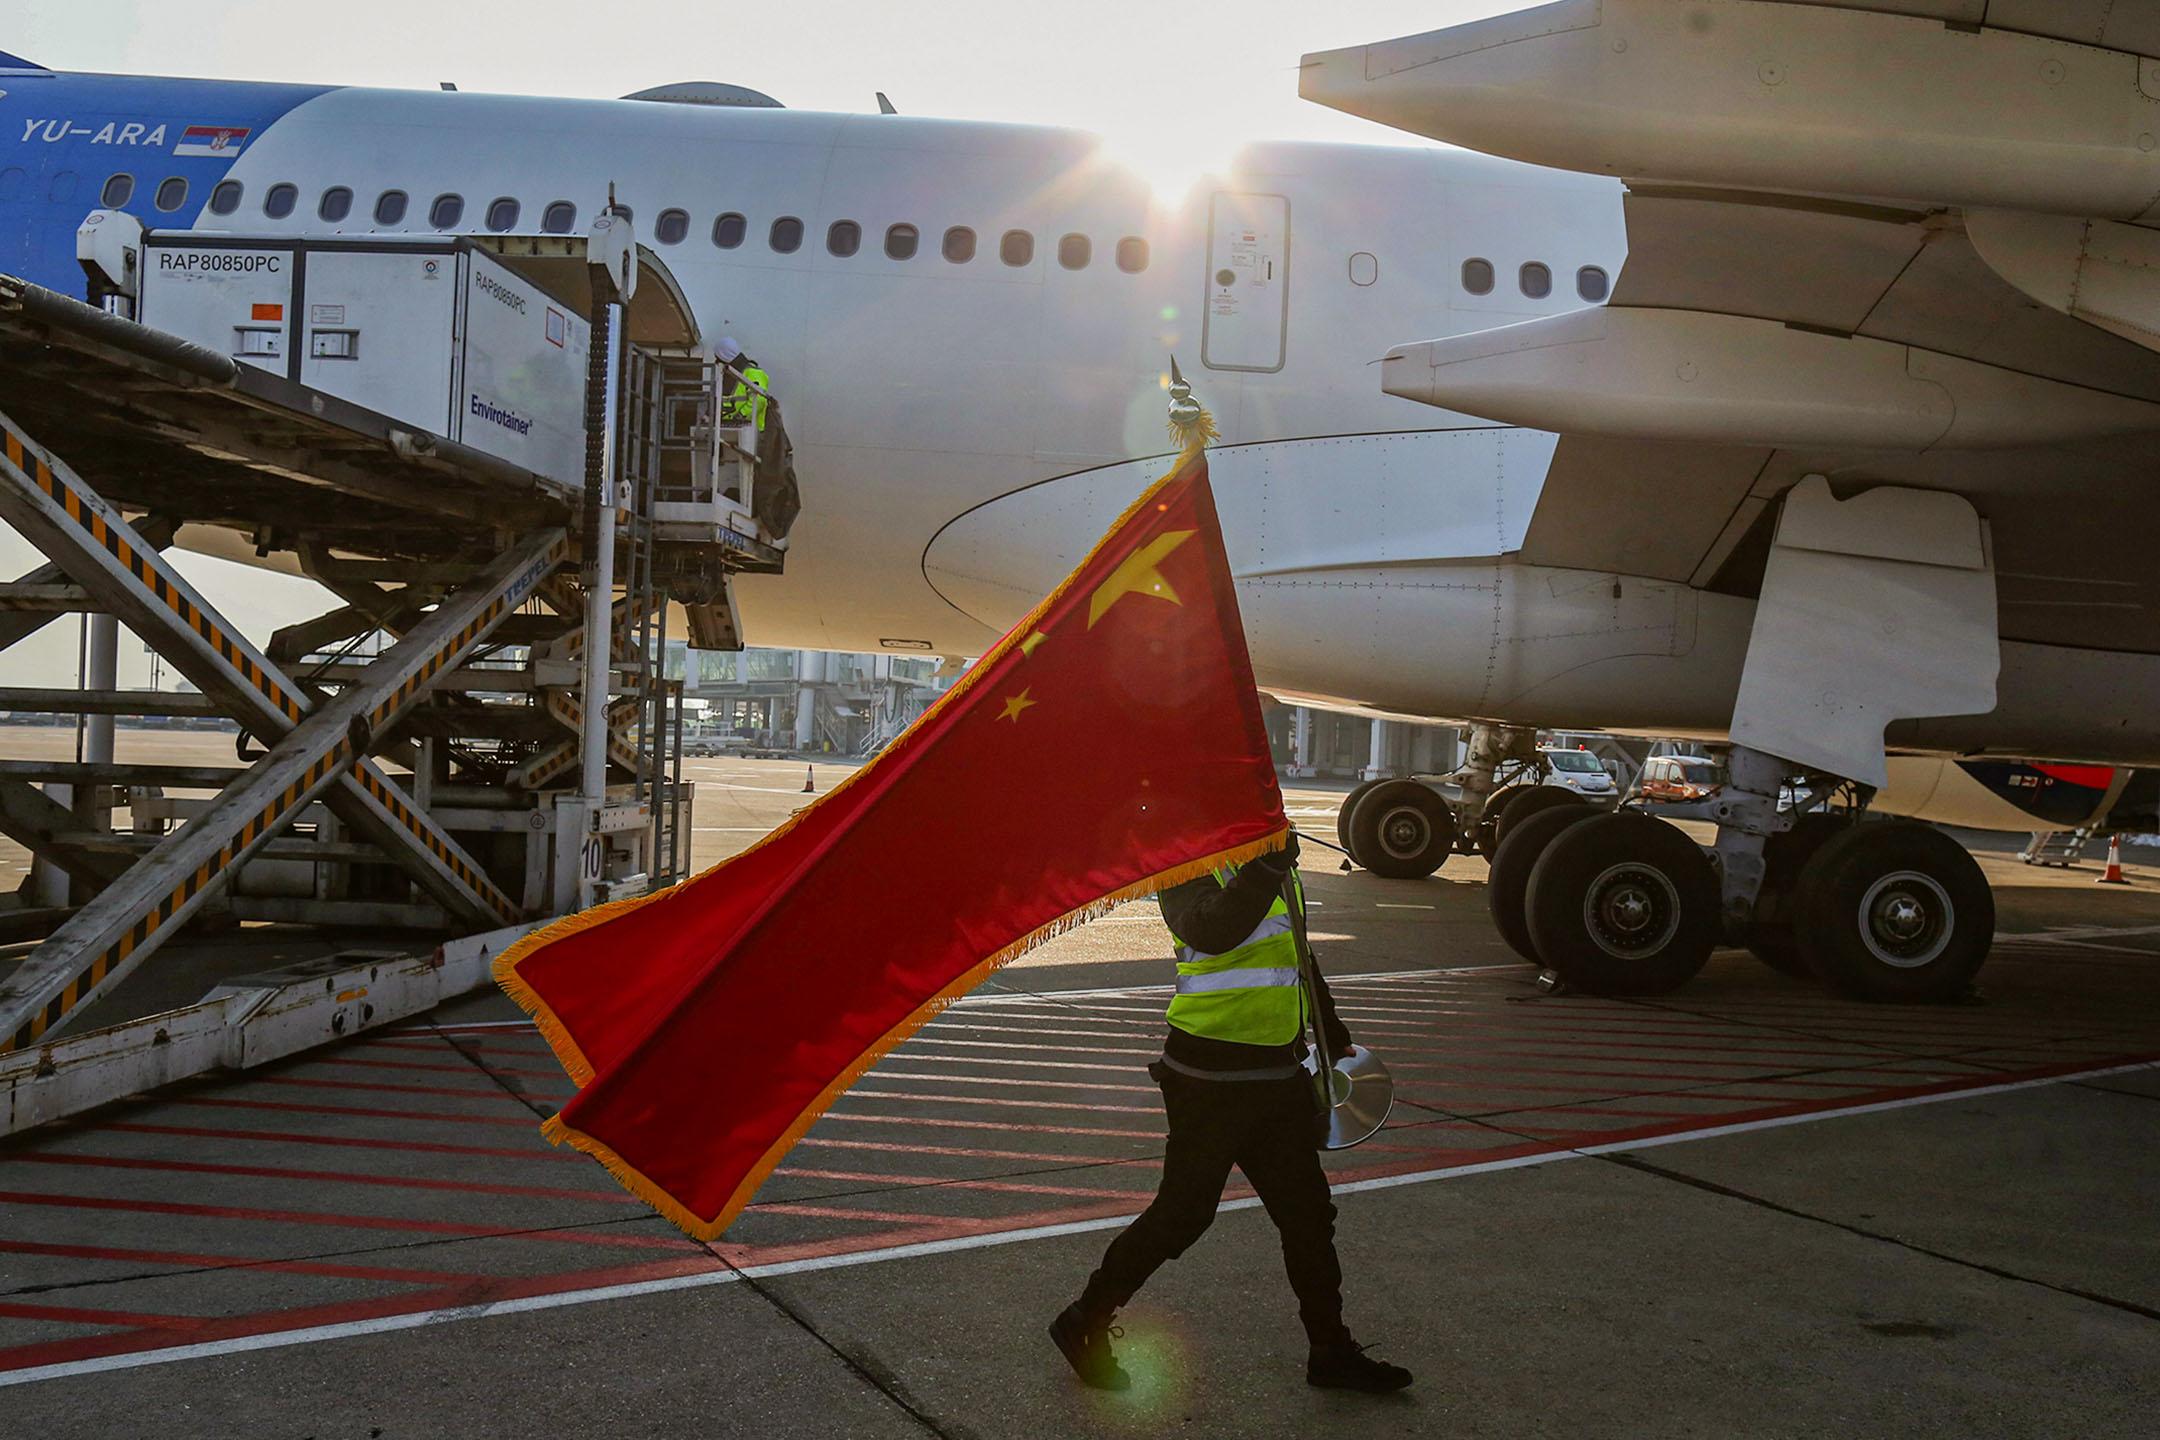 2021年1月16日塞爾維亞貝爾格勒尼古拉·特斯拉機場,100萬劑國藥疫苗到達機場後,一名工人揮舞中國國旗。